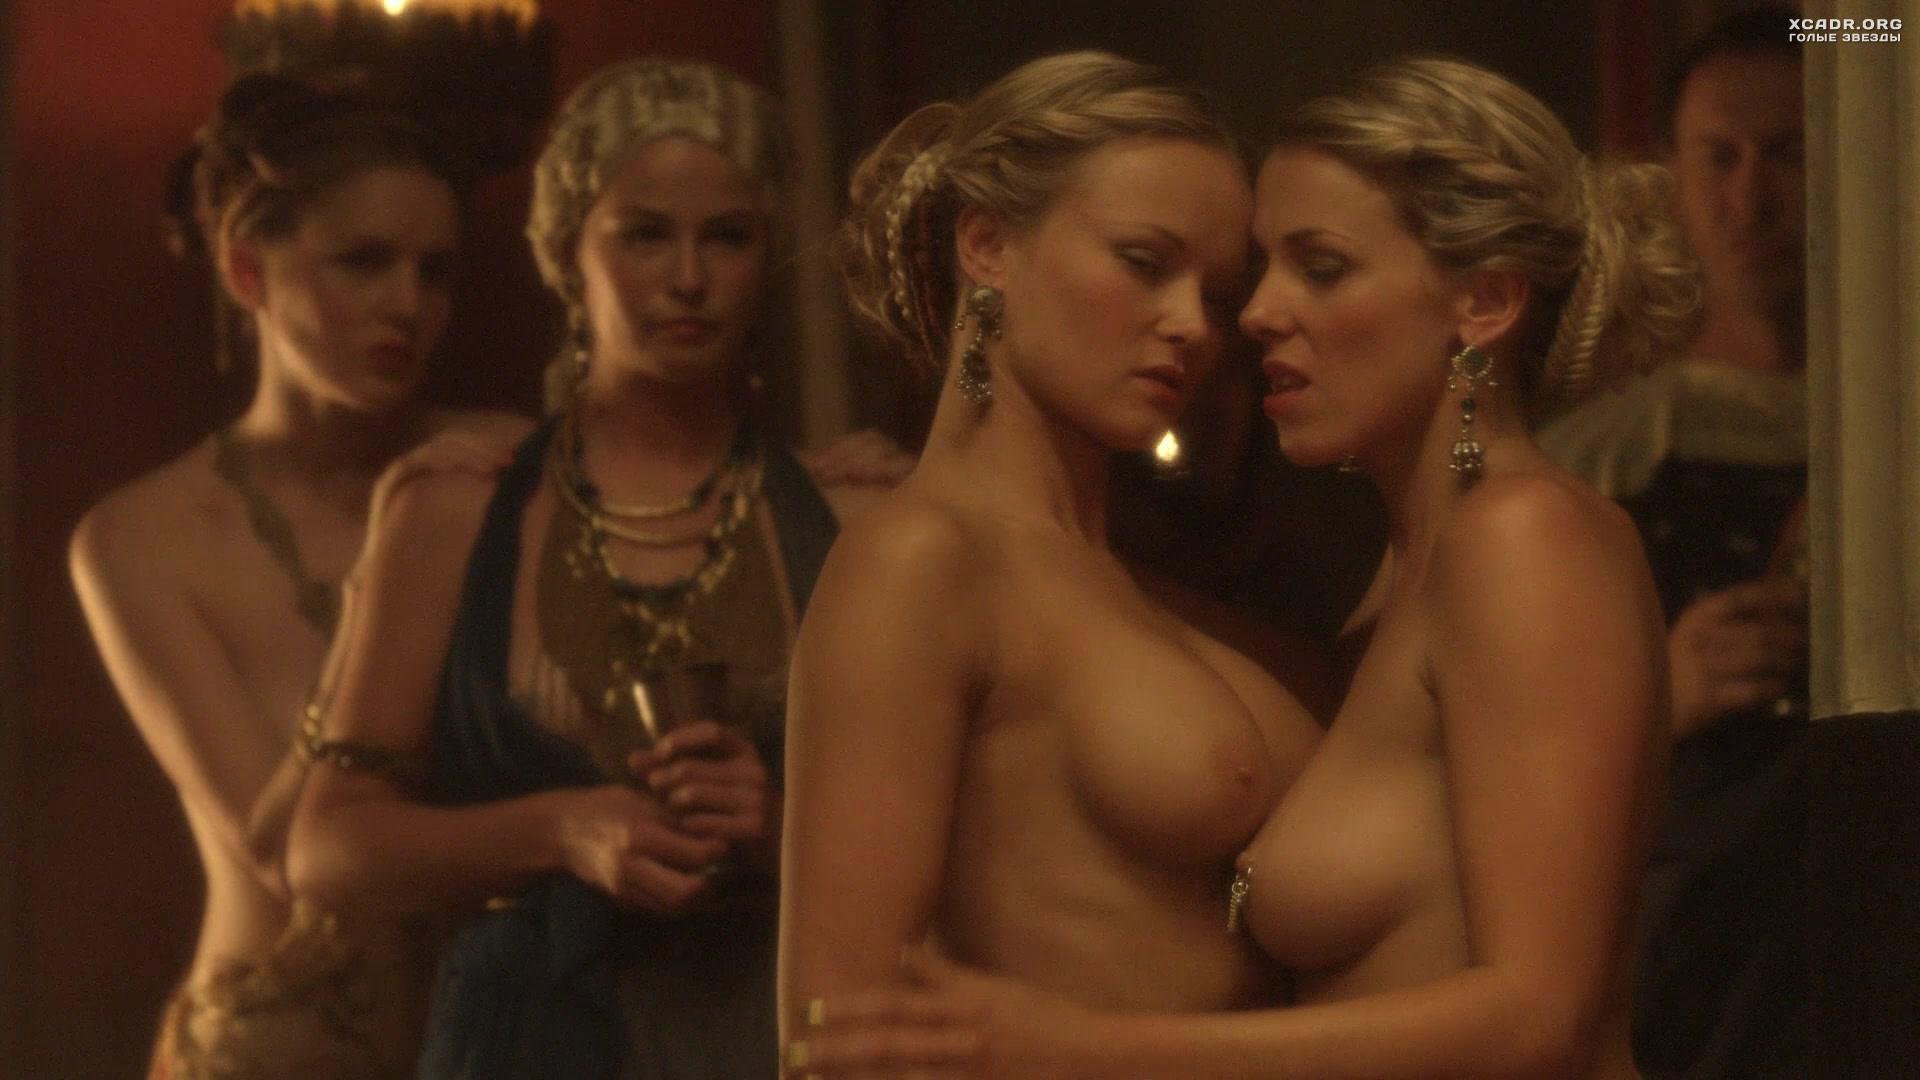 Русское домашнее зрелые порно видео онлайн смотреть